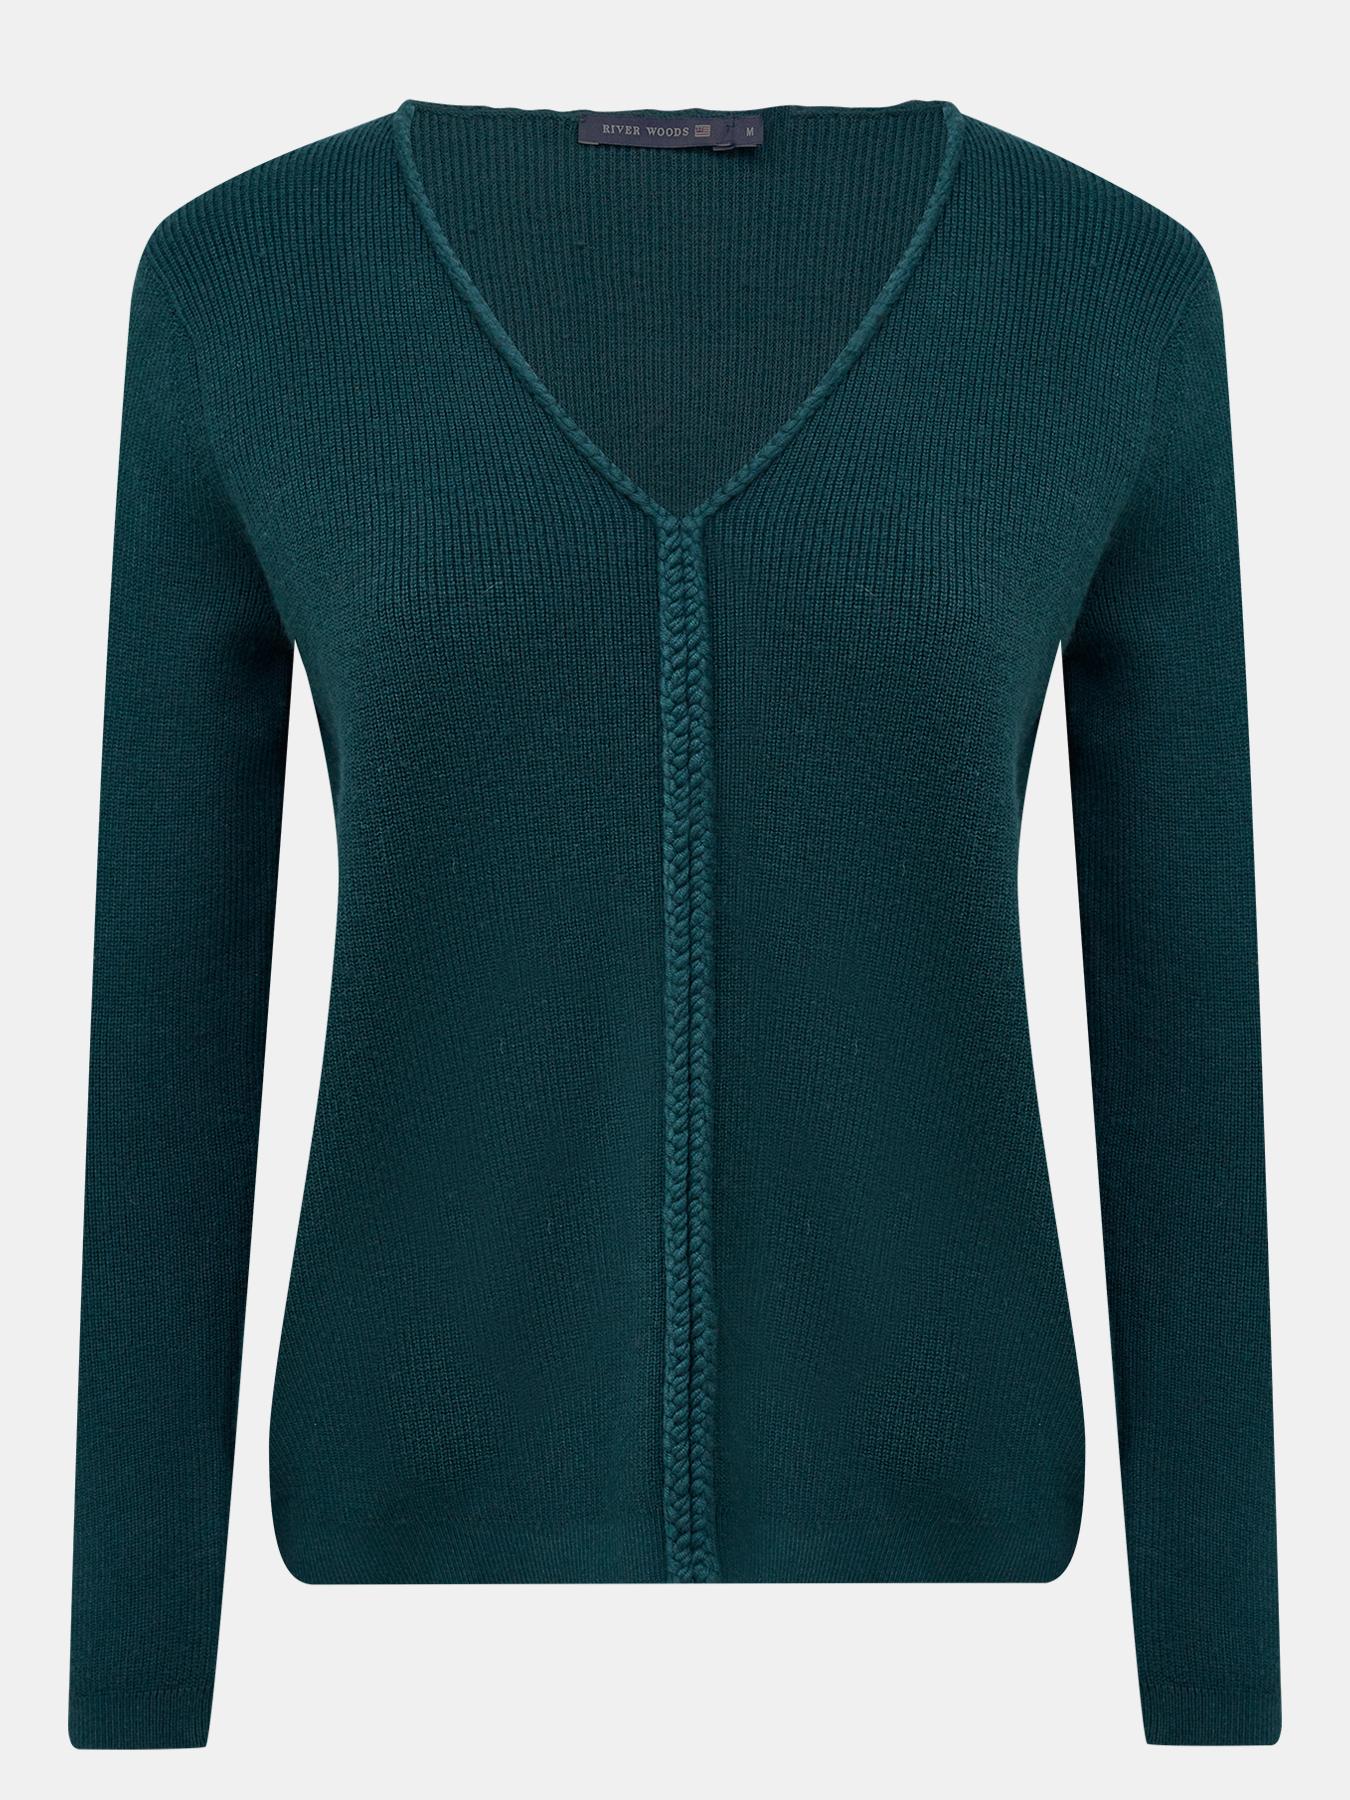 Пуловеры RIVER WOODS Пуловер недорого